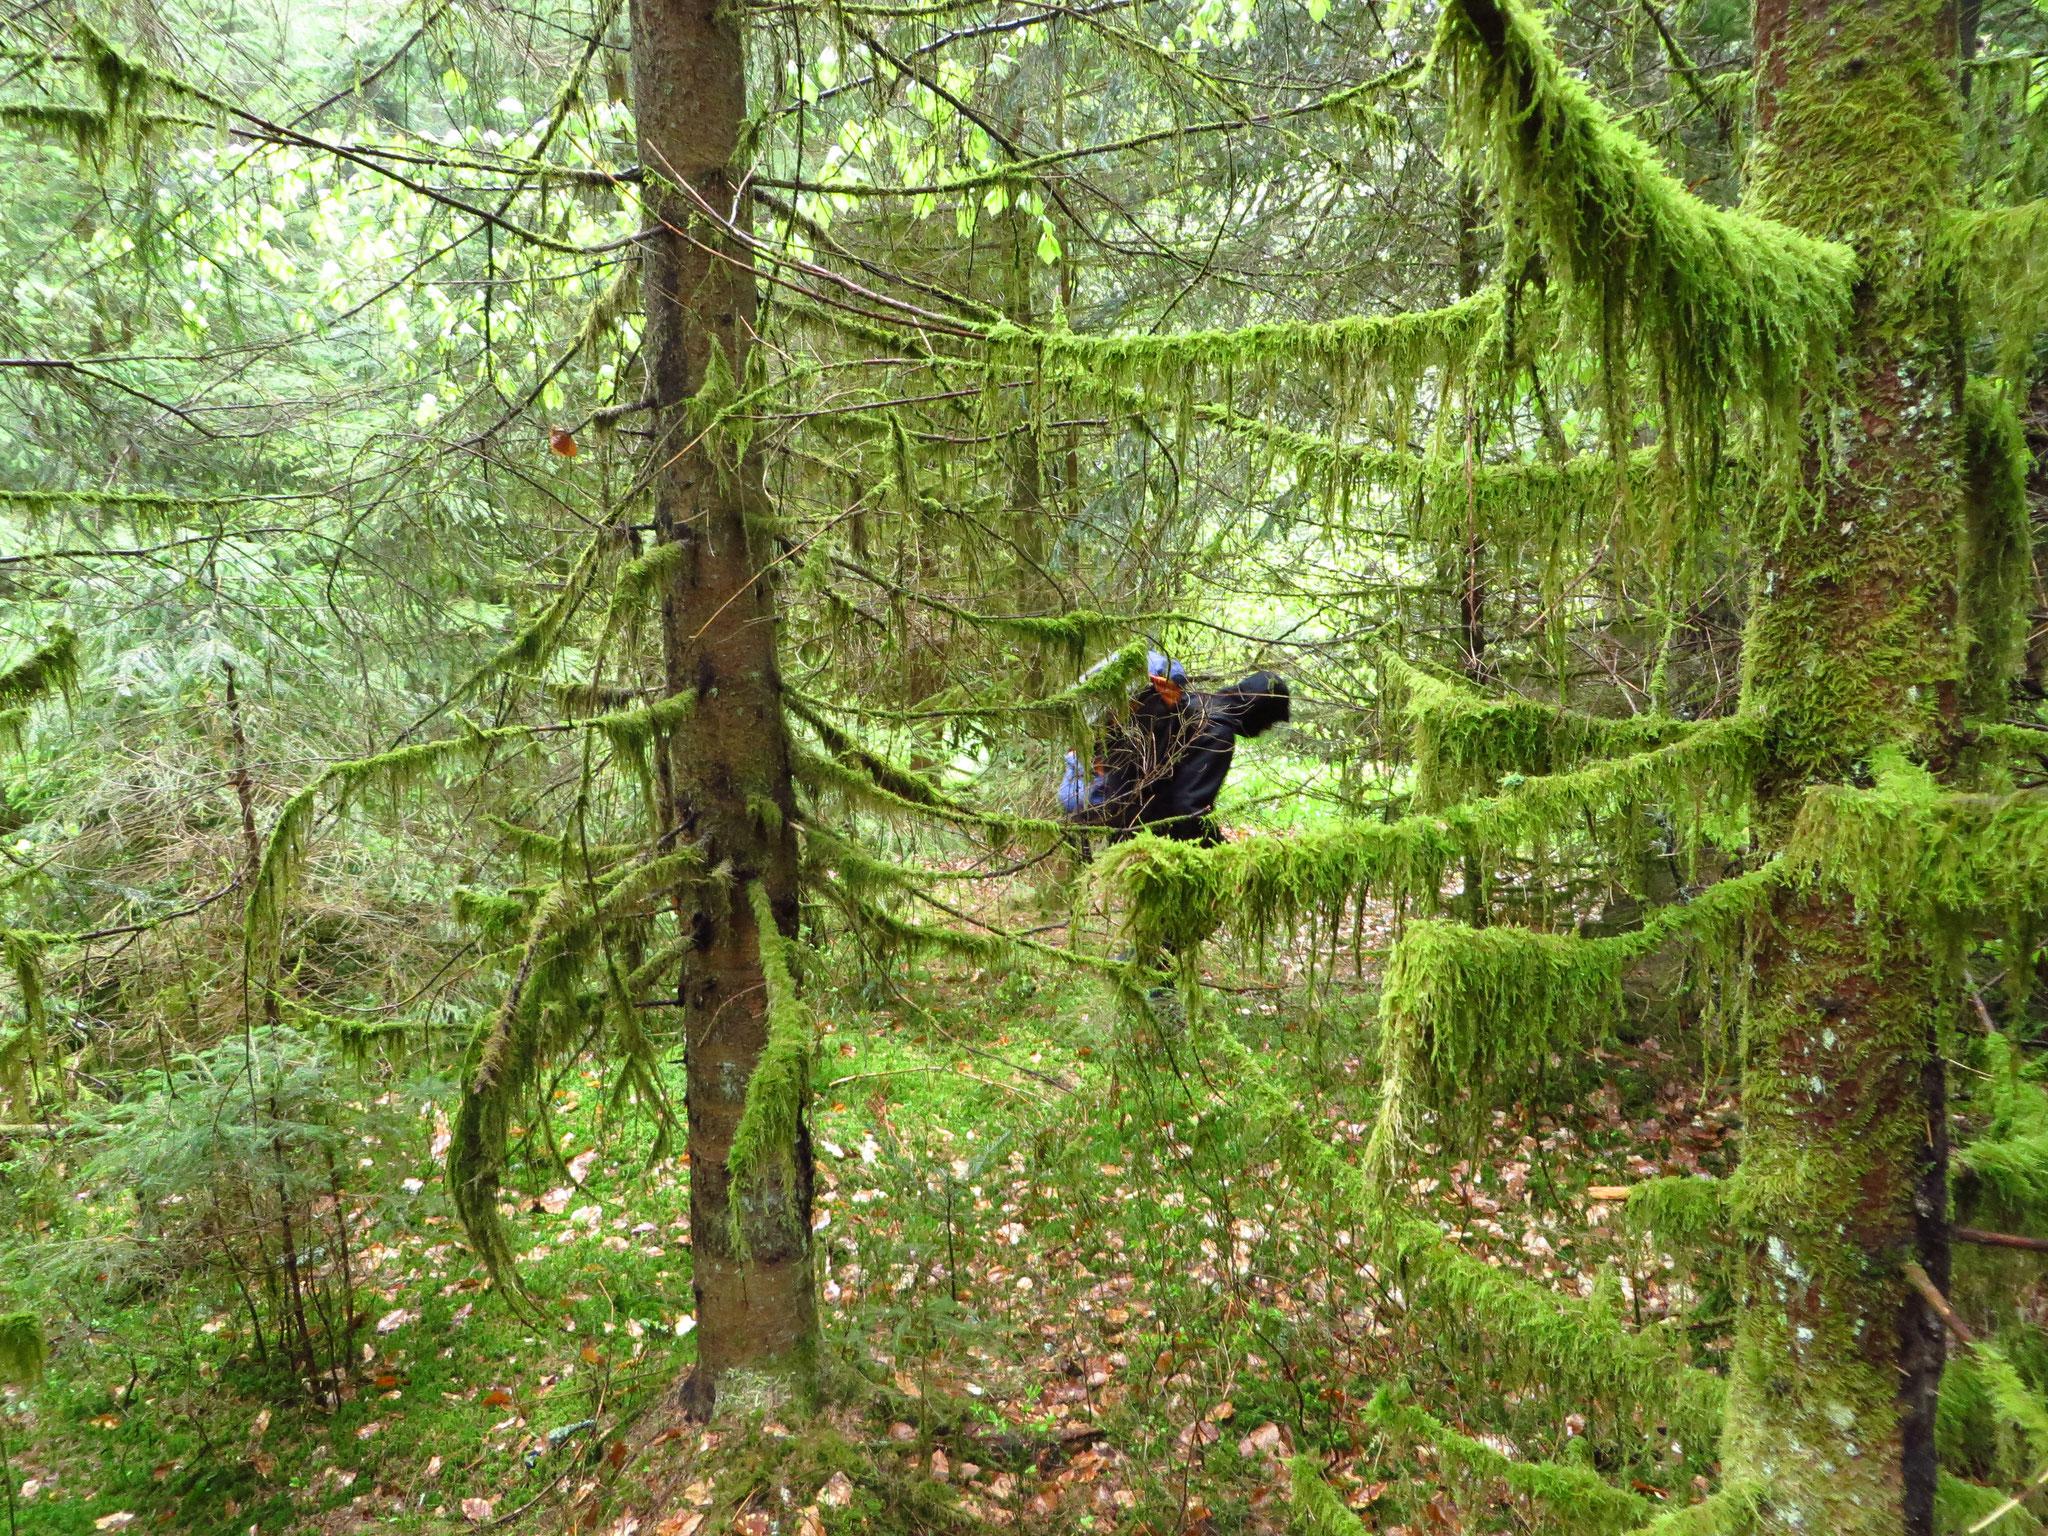 Noch ein Mann im Wald. Im Urwald!